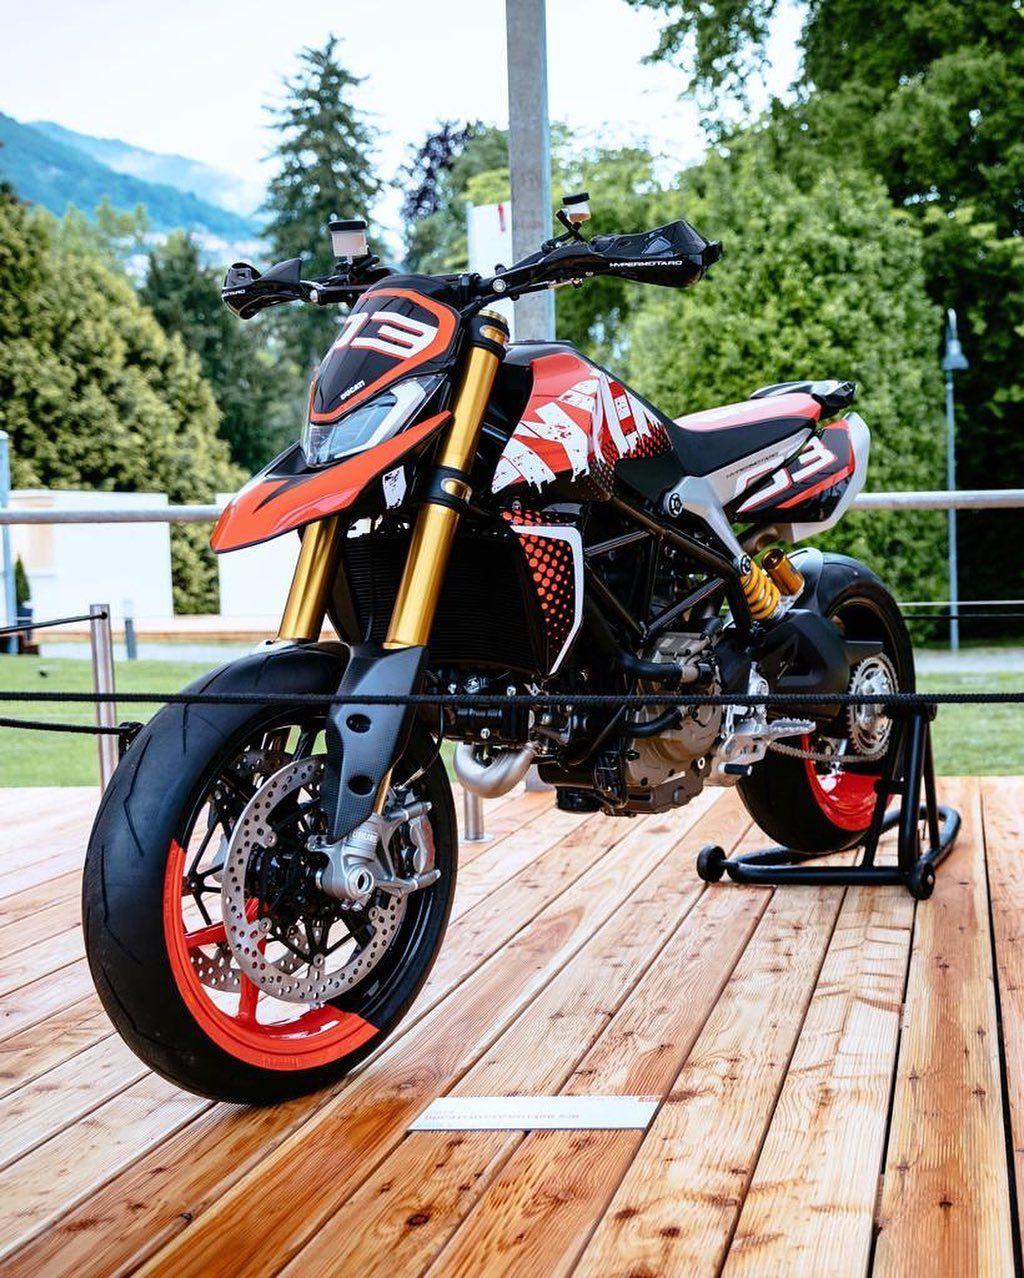 Ducati Hypermotard 950 SP : présentation, fiche technique, prix